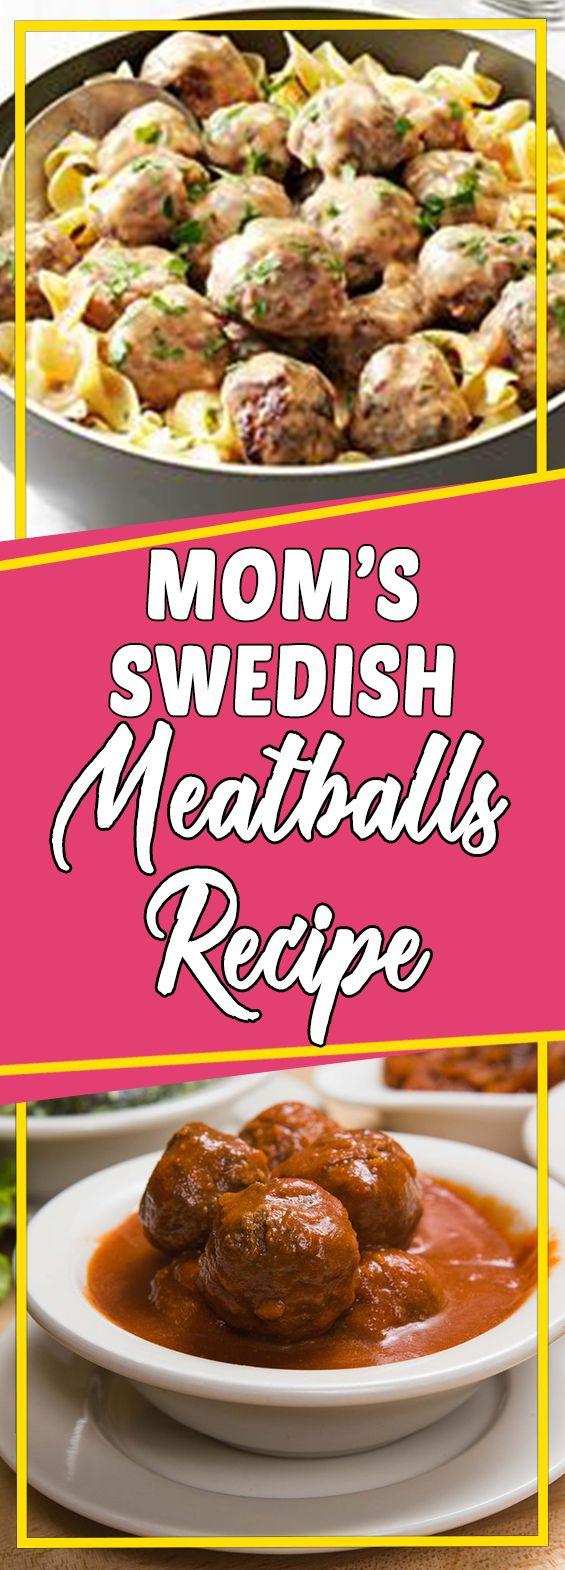 Mom's Swedish Meatballs Recipe #breakfast #recipeideas #cookinglight #dinner #breakfastrecipes #lunch